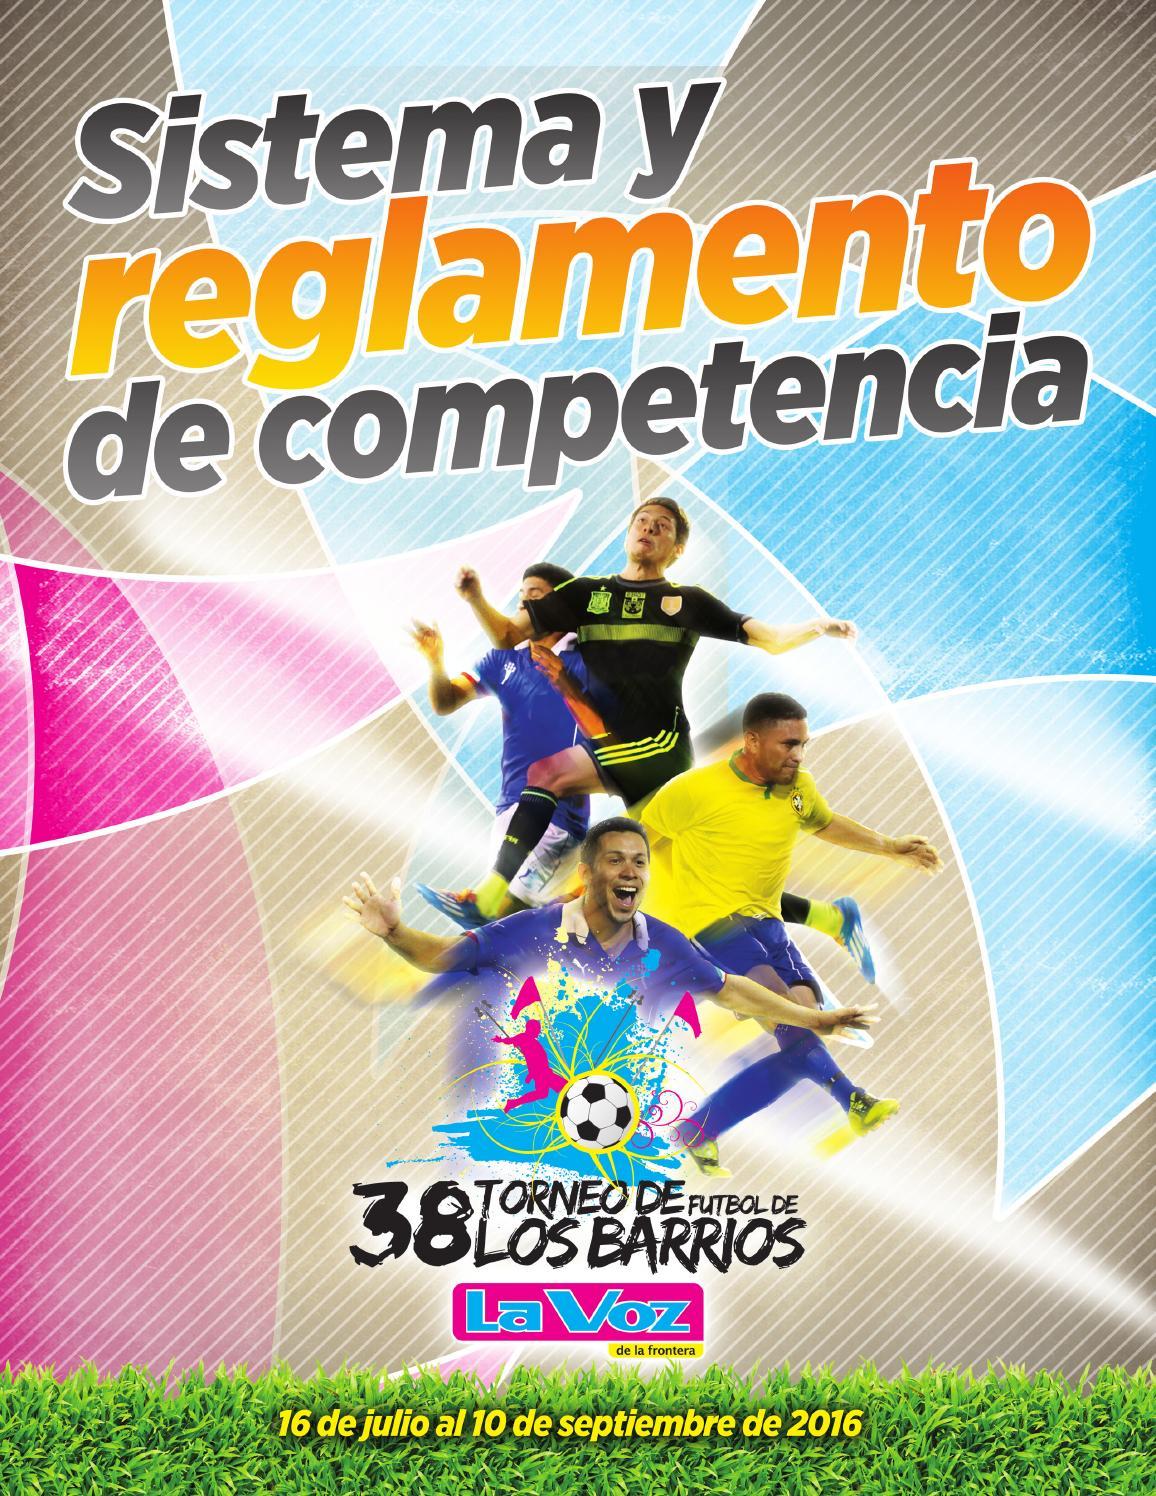 38 Juegos Deportivos Municipales Calendario.Convocatoria Y Reglamento 38 Torneo De Futbol De Los Barrios